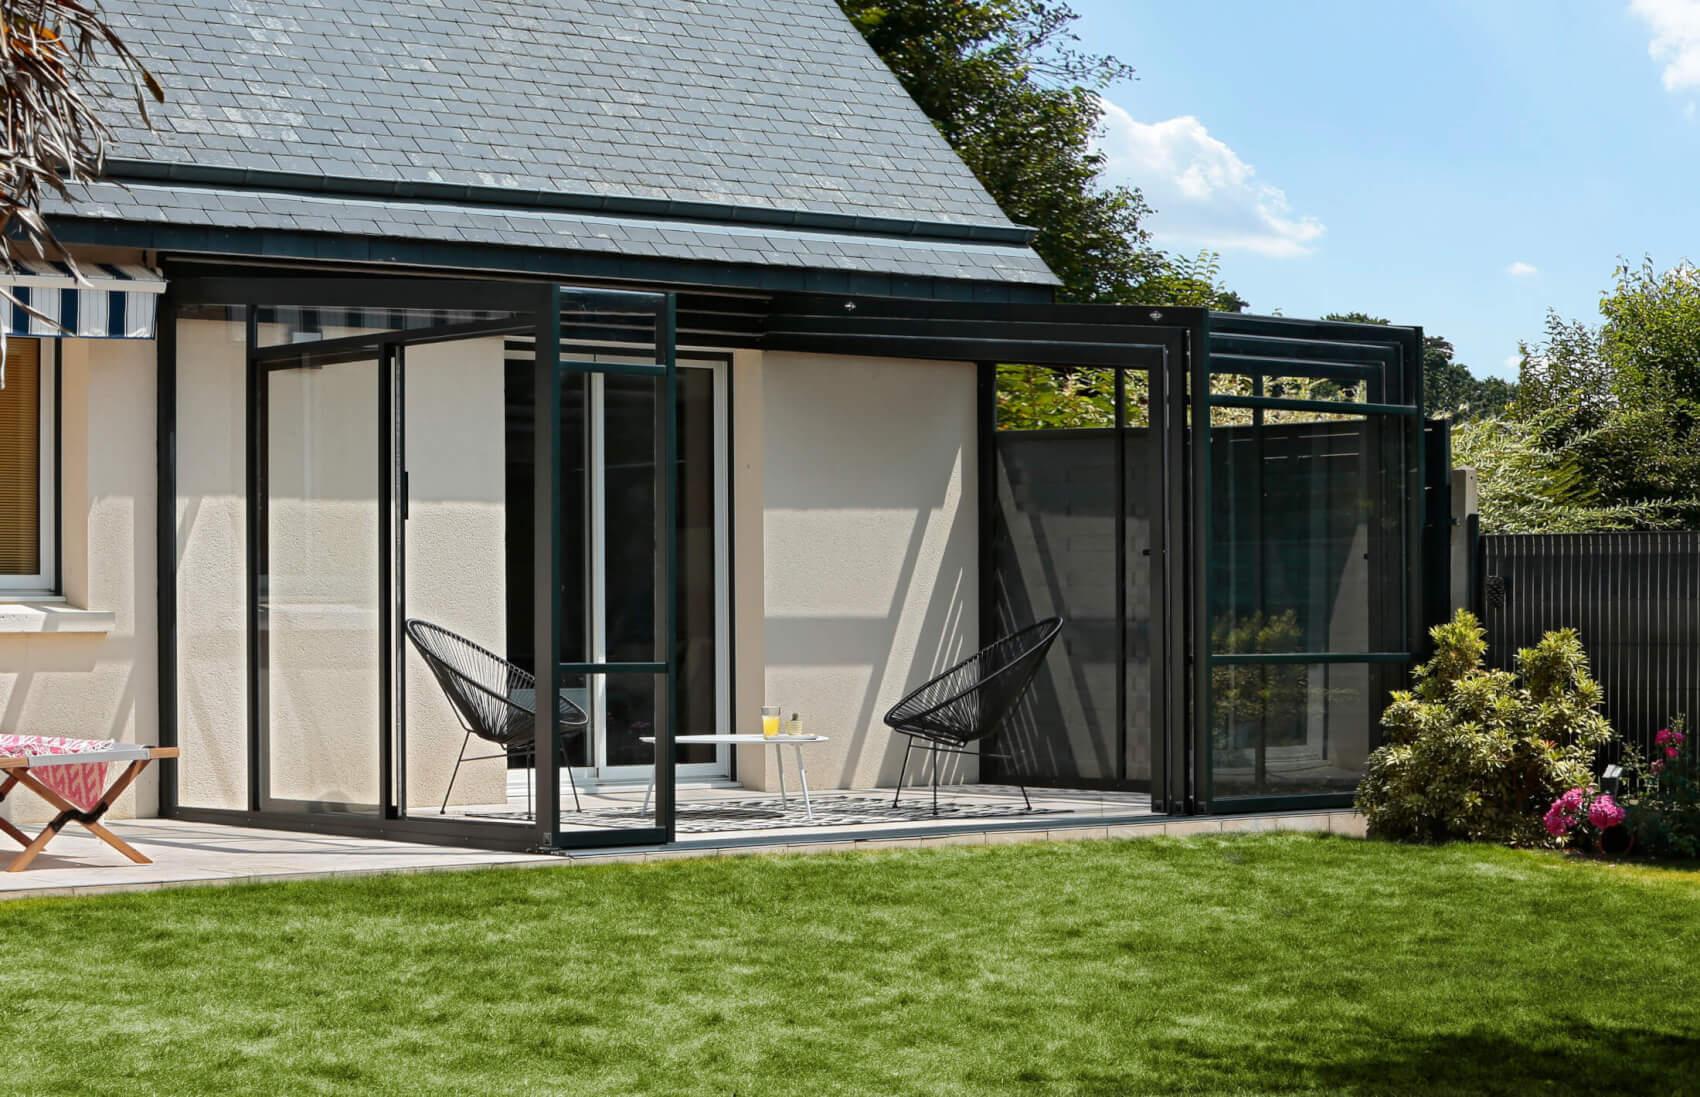 Abri Terrasse Aluminium - Modèles Coulissants ... destiné Abri De Terrasse Ferme